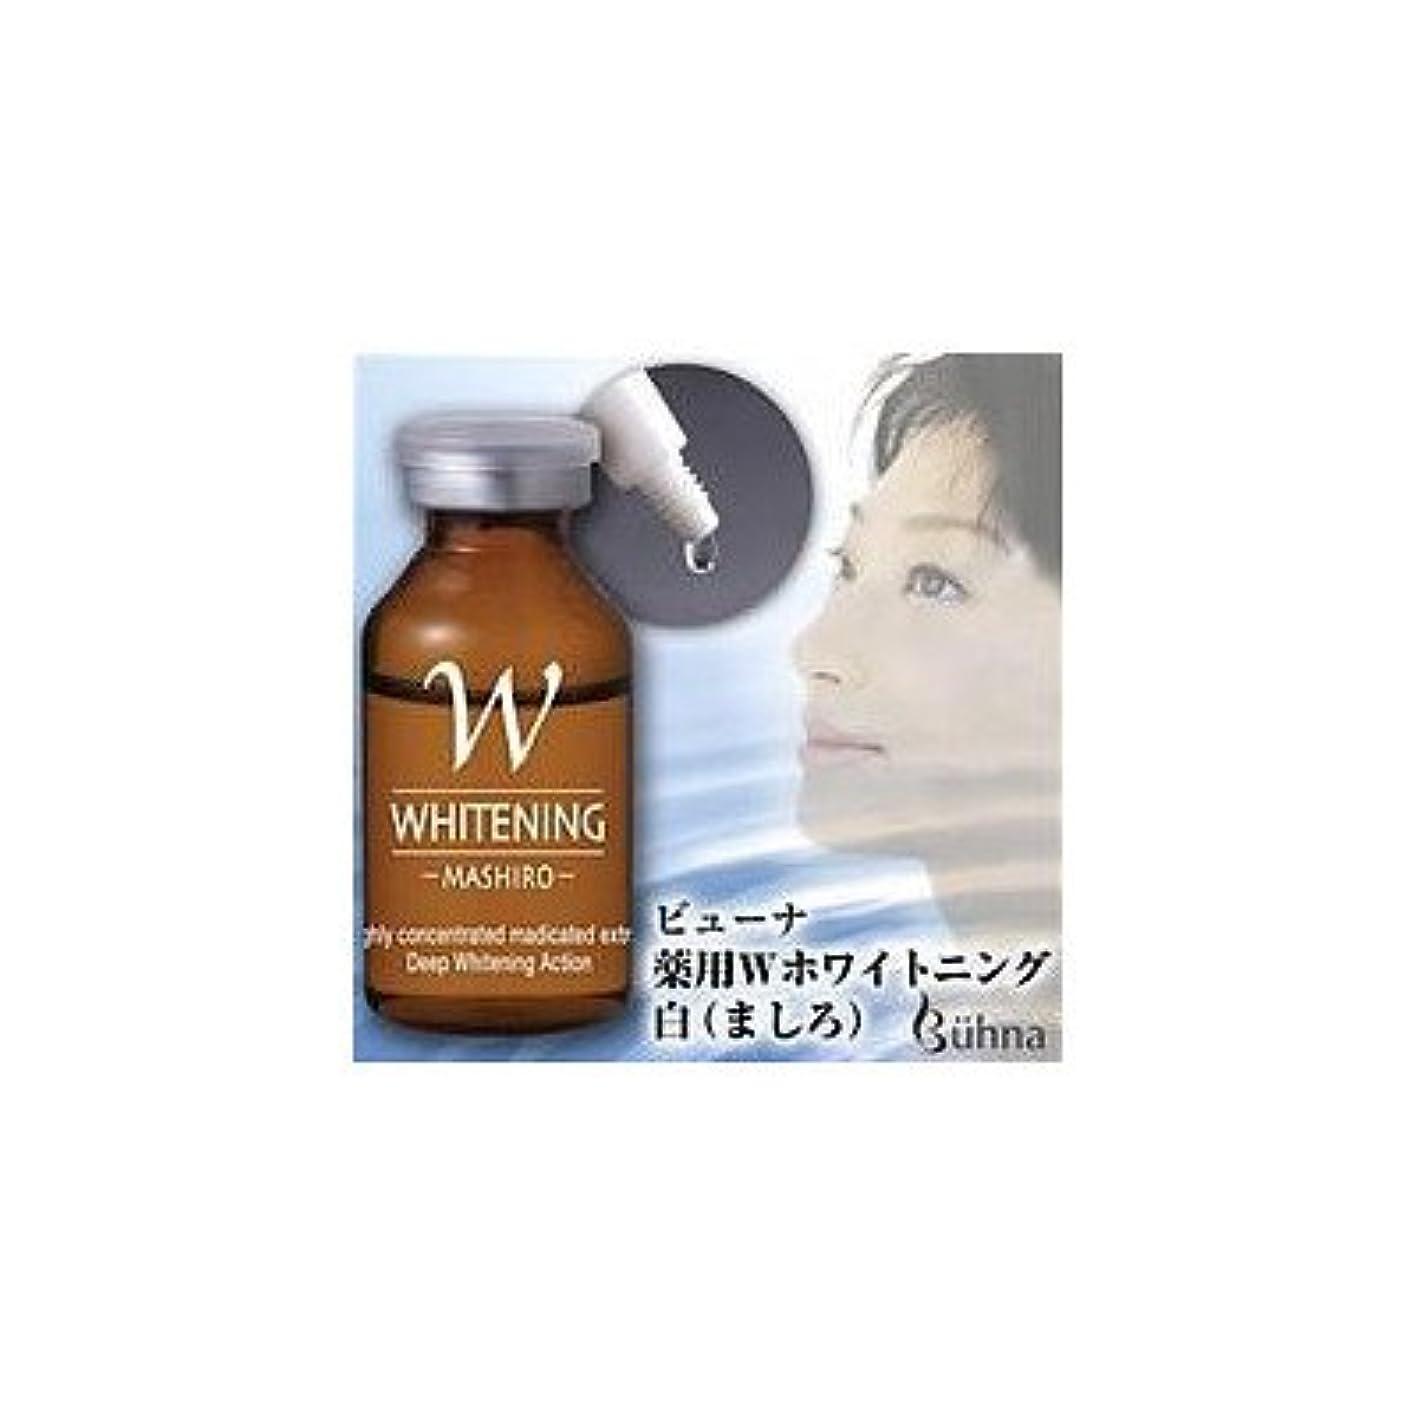 食い違い強調メンター翌朝の肌で感じる美肌力 ビューナ 薬用Wホワイトニング 白